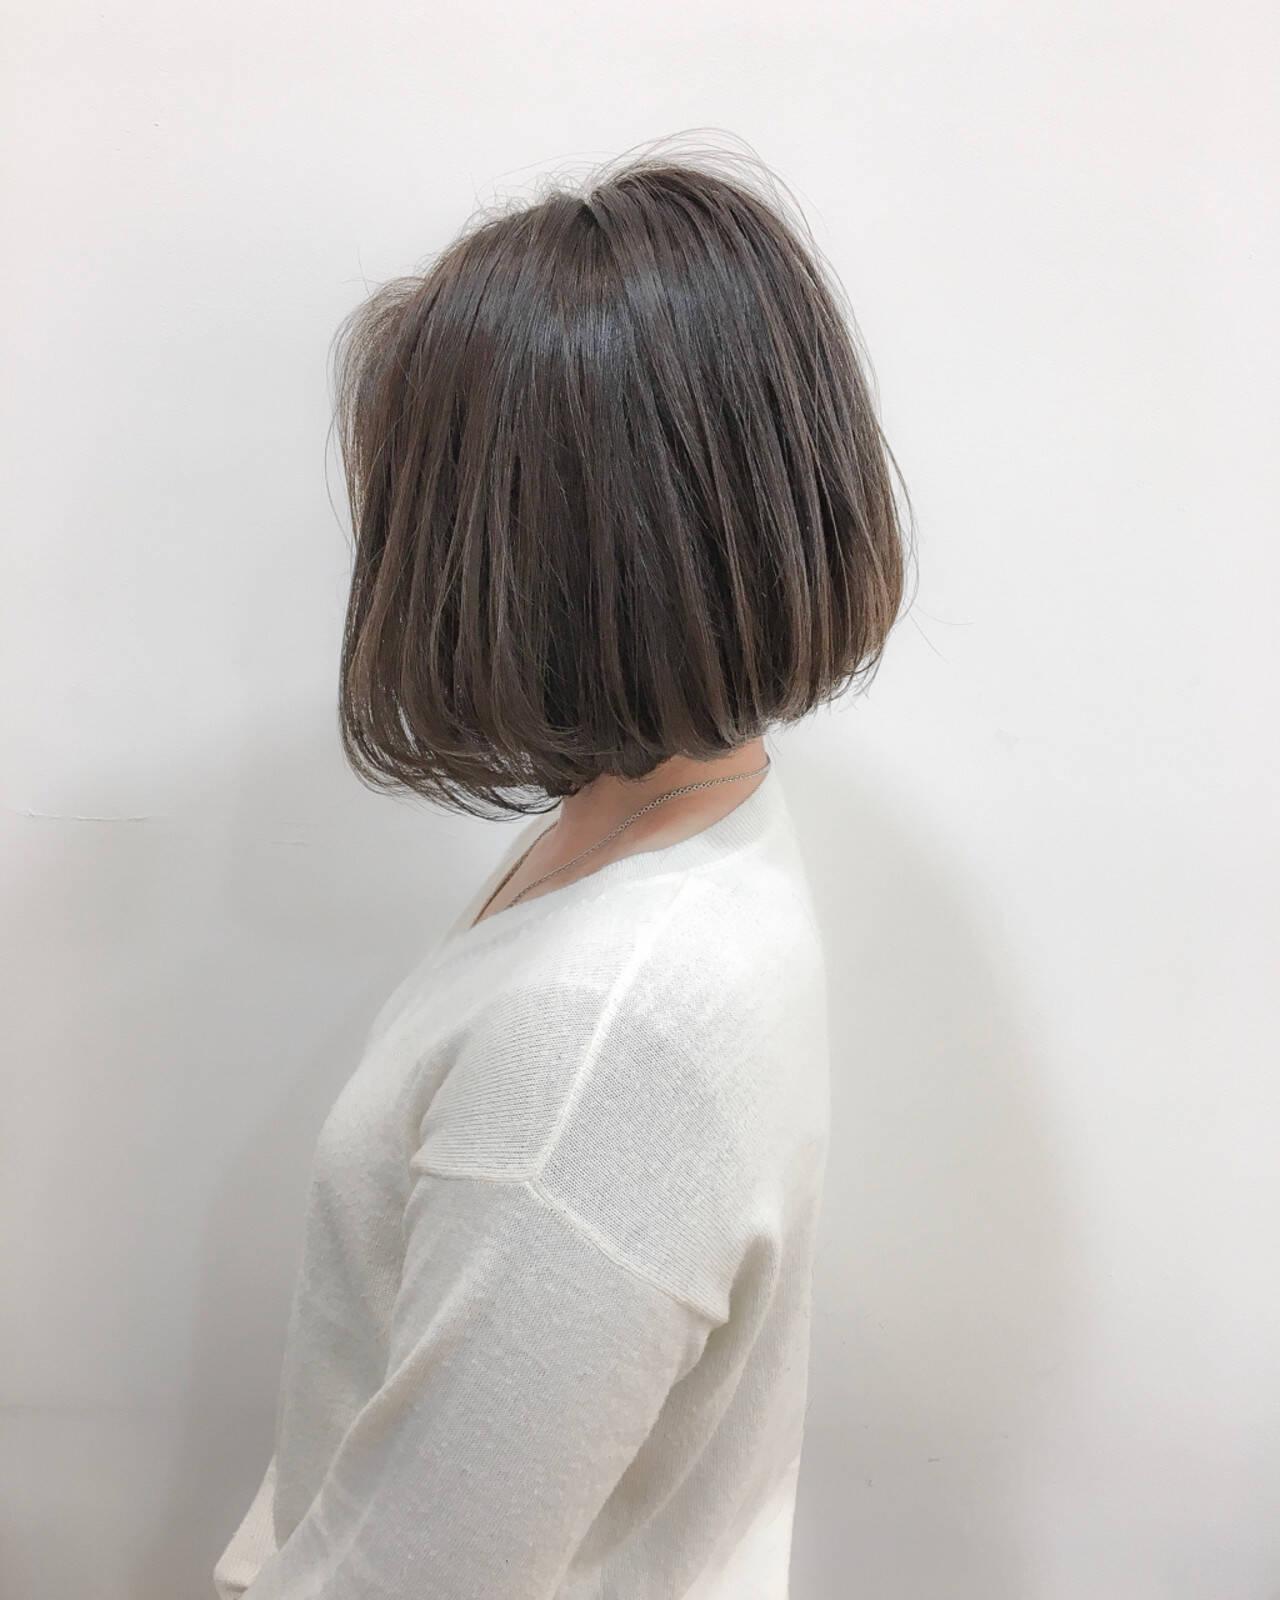 切りっぱなし エレガント 色気 ショートボブヘアスタイルや髪型の写真・画像